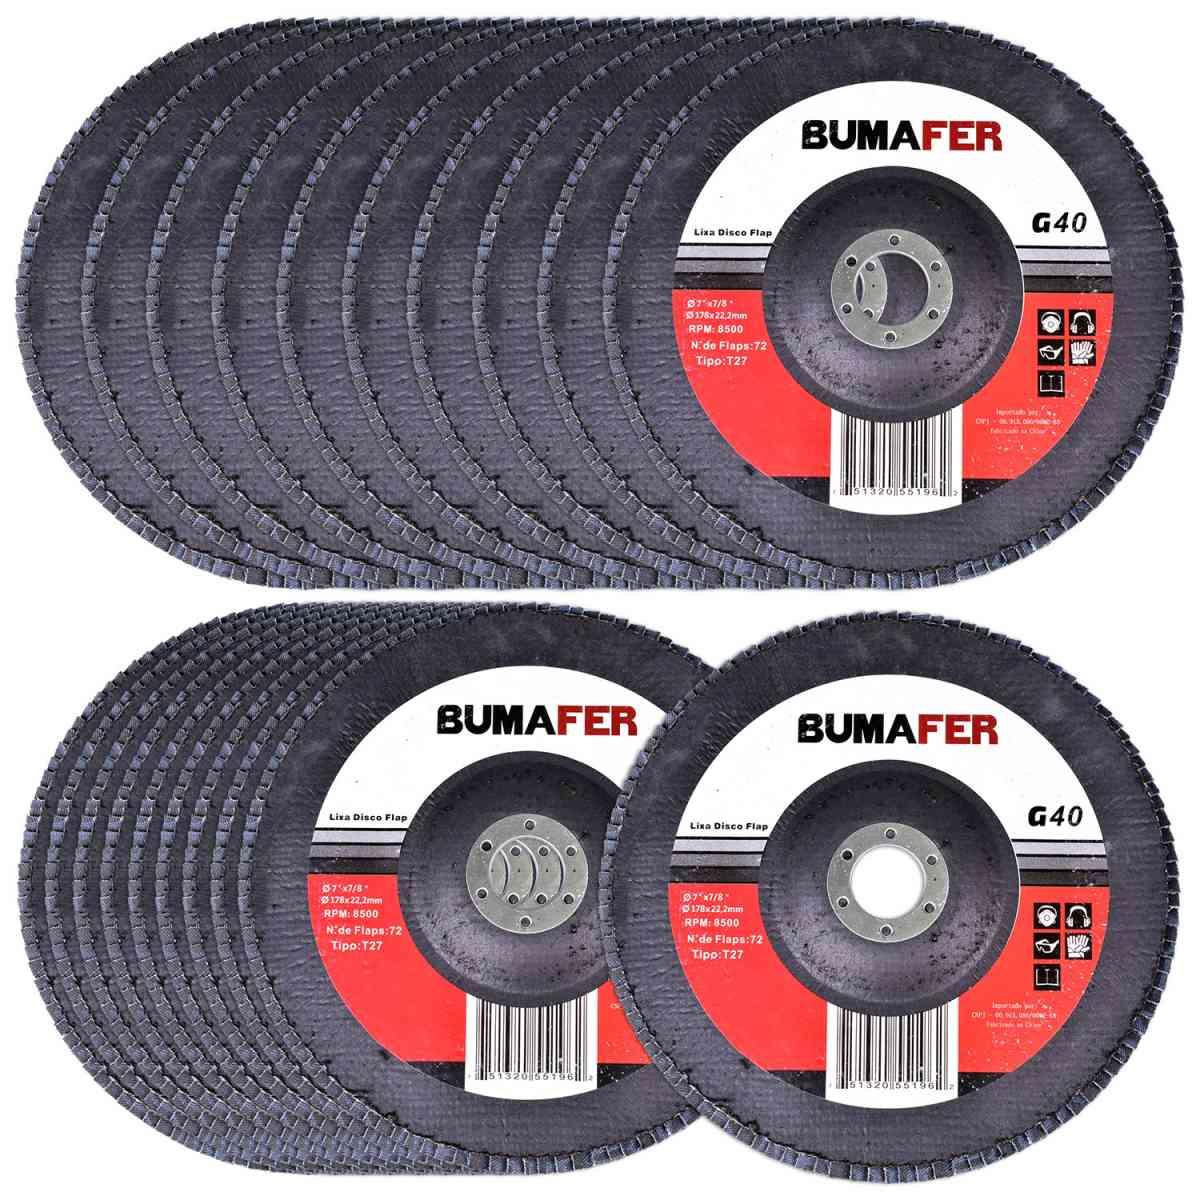 Lixas Disco Flap com 20 Peças 180 × 22 mm G40 Bumafer